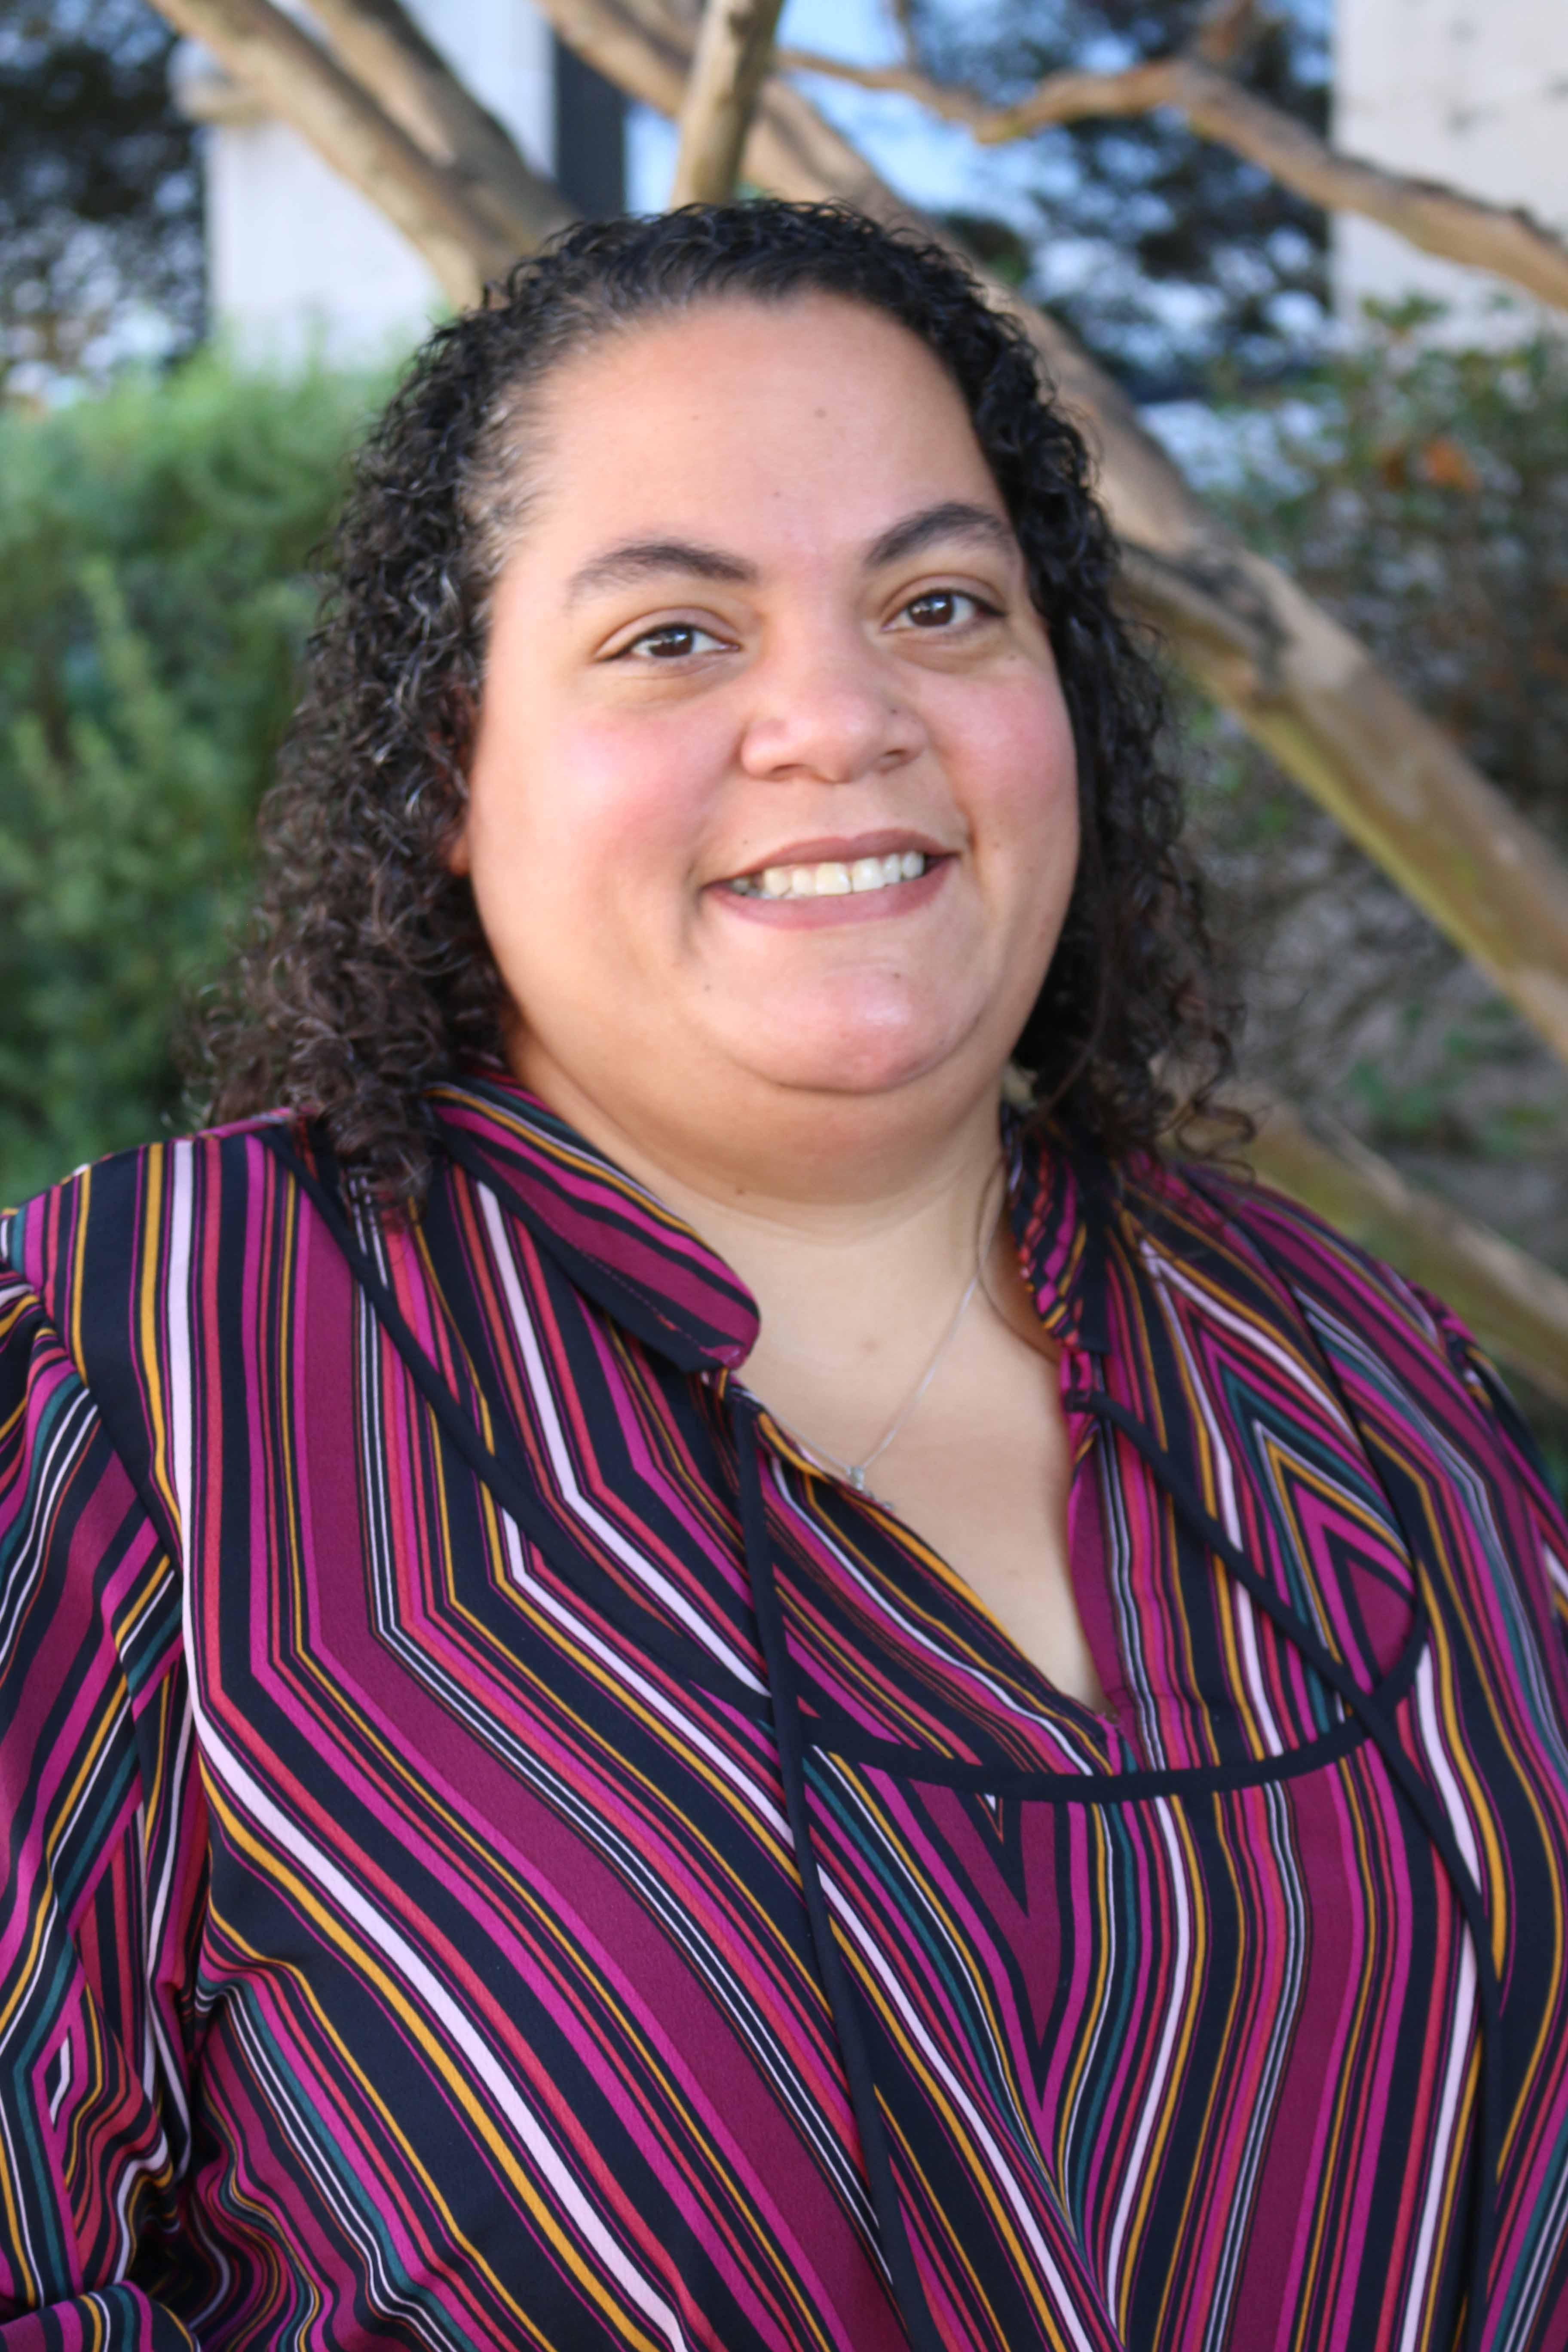 Nicole Elzy